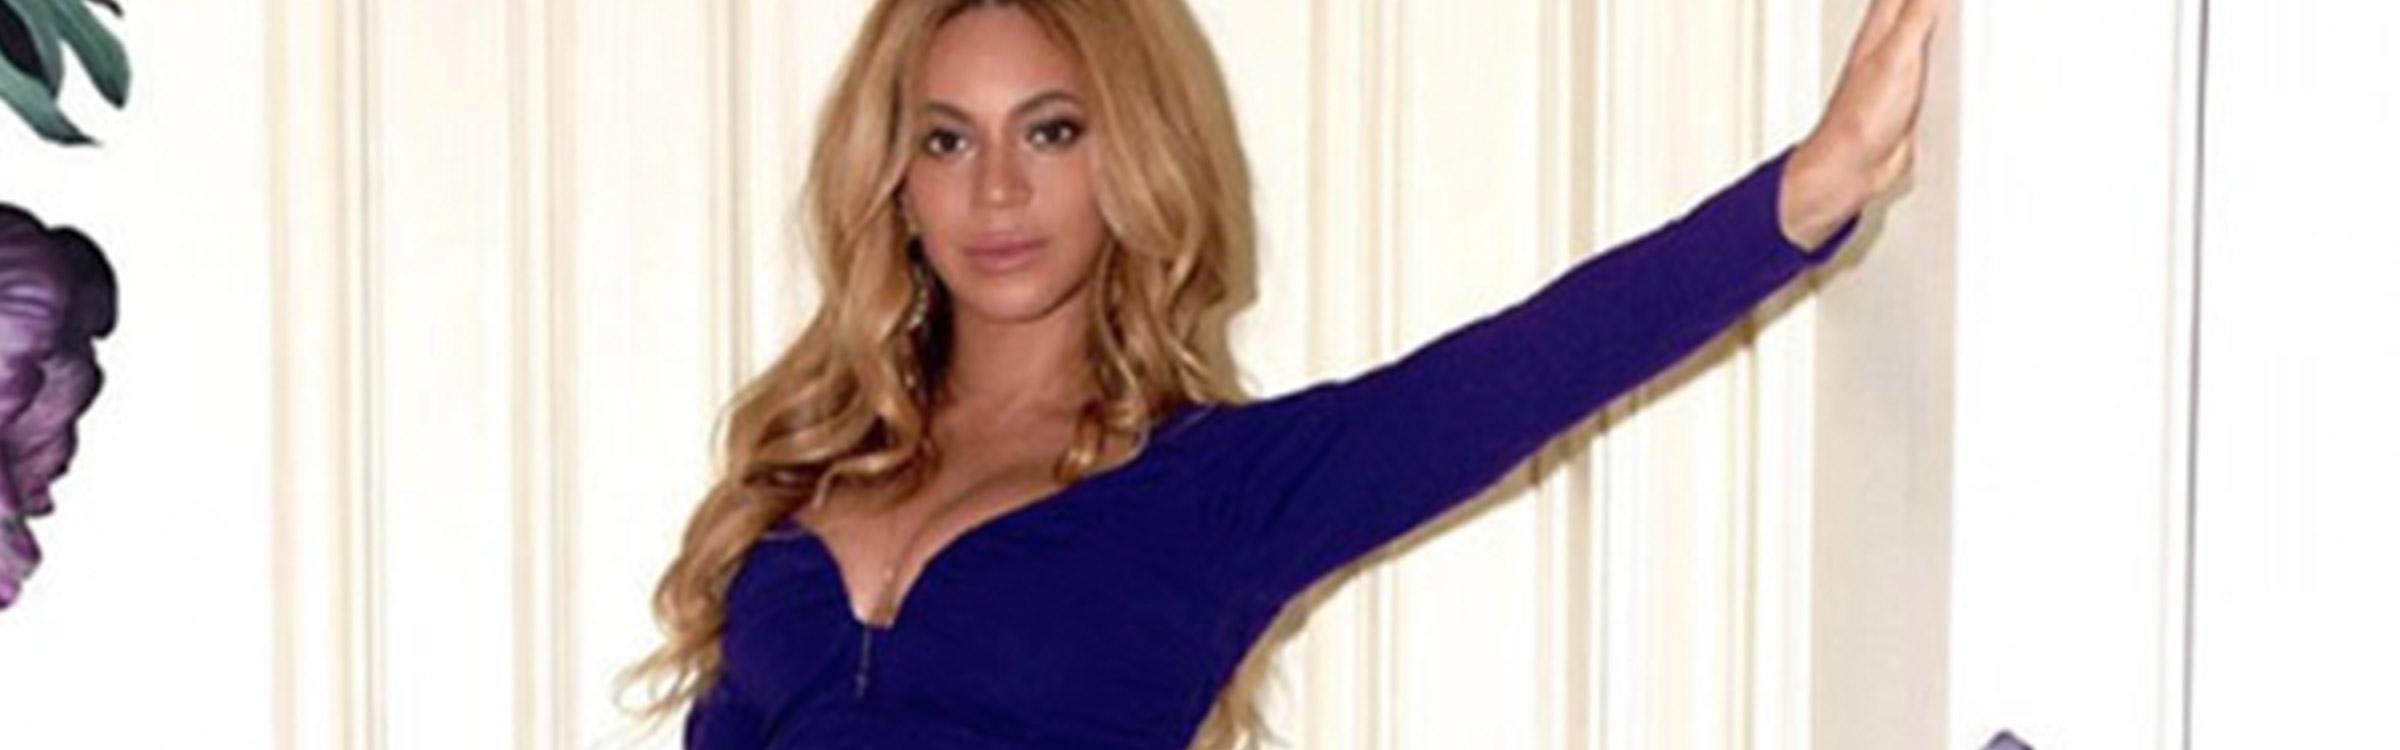 Beyonce twinnies header